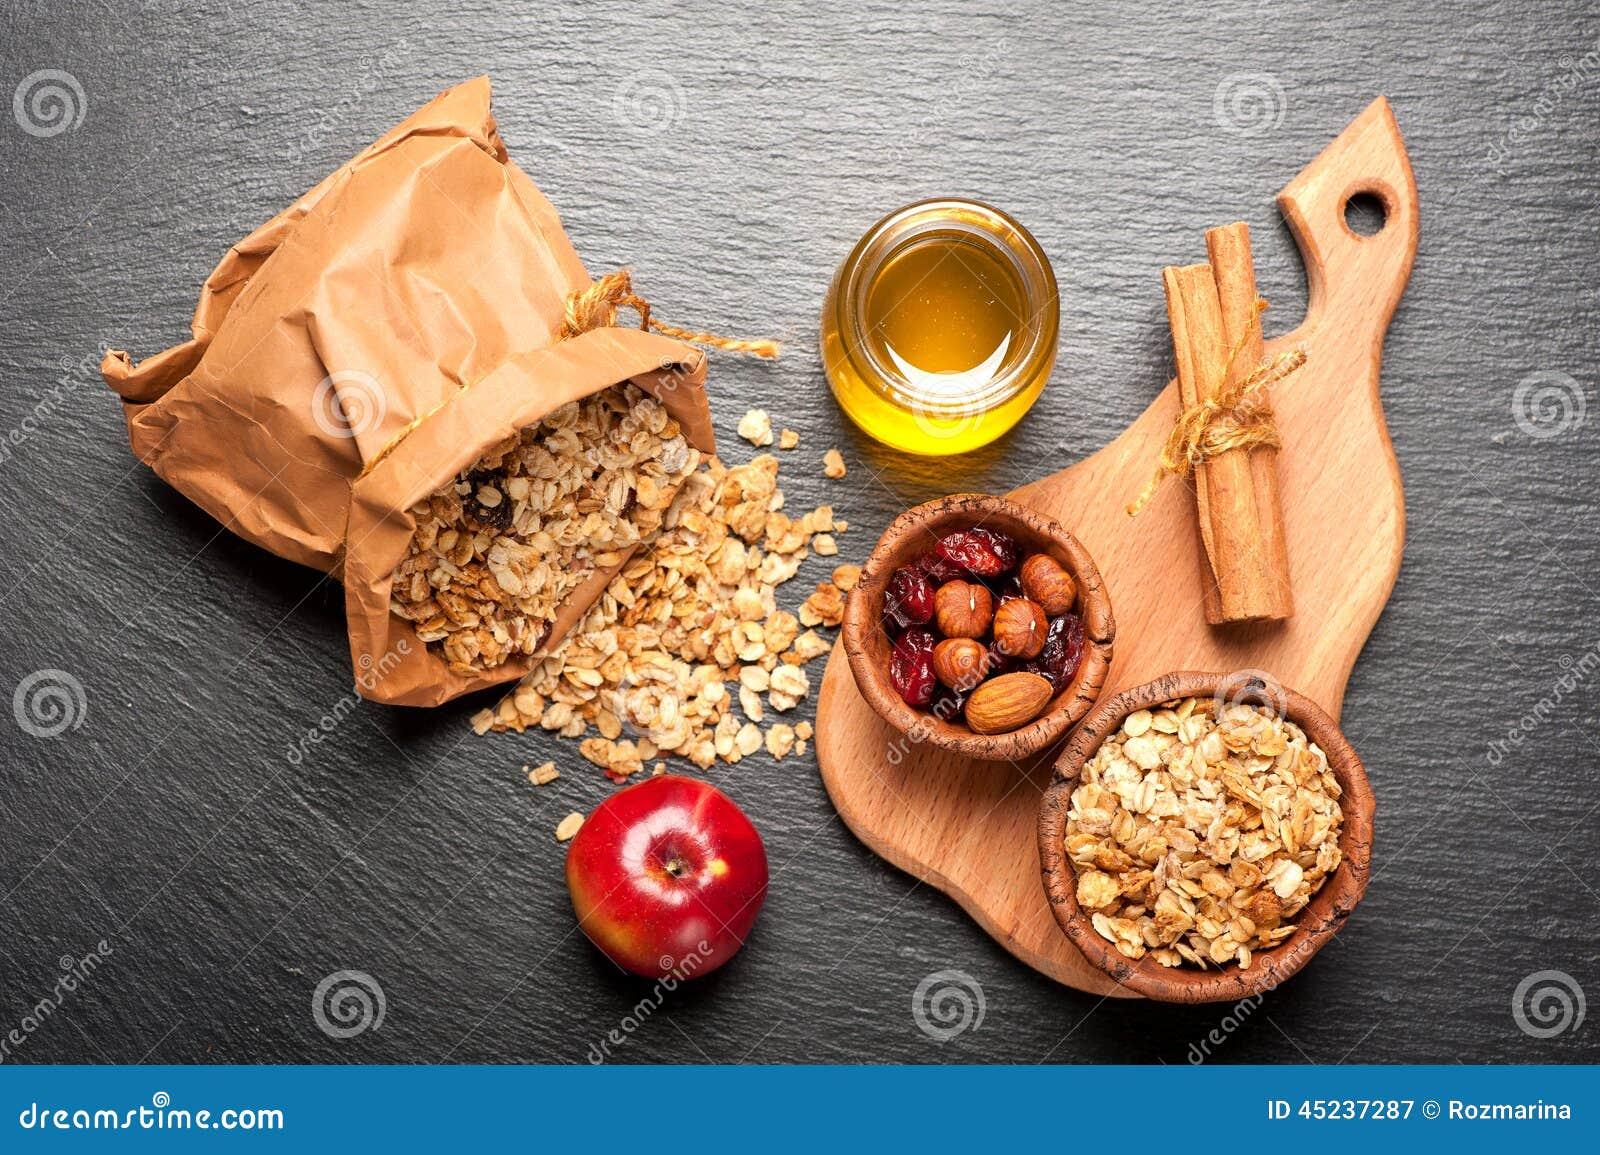 Muesligranola, honing, noten en droge bessen